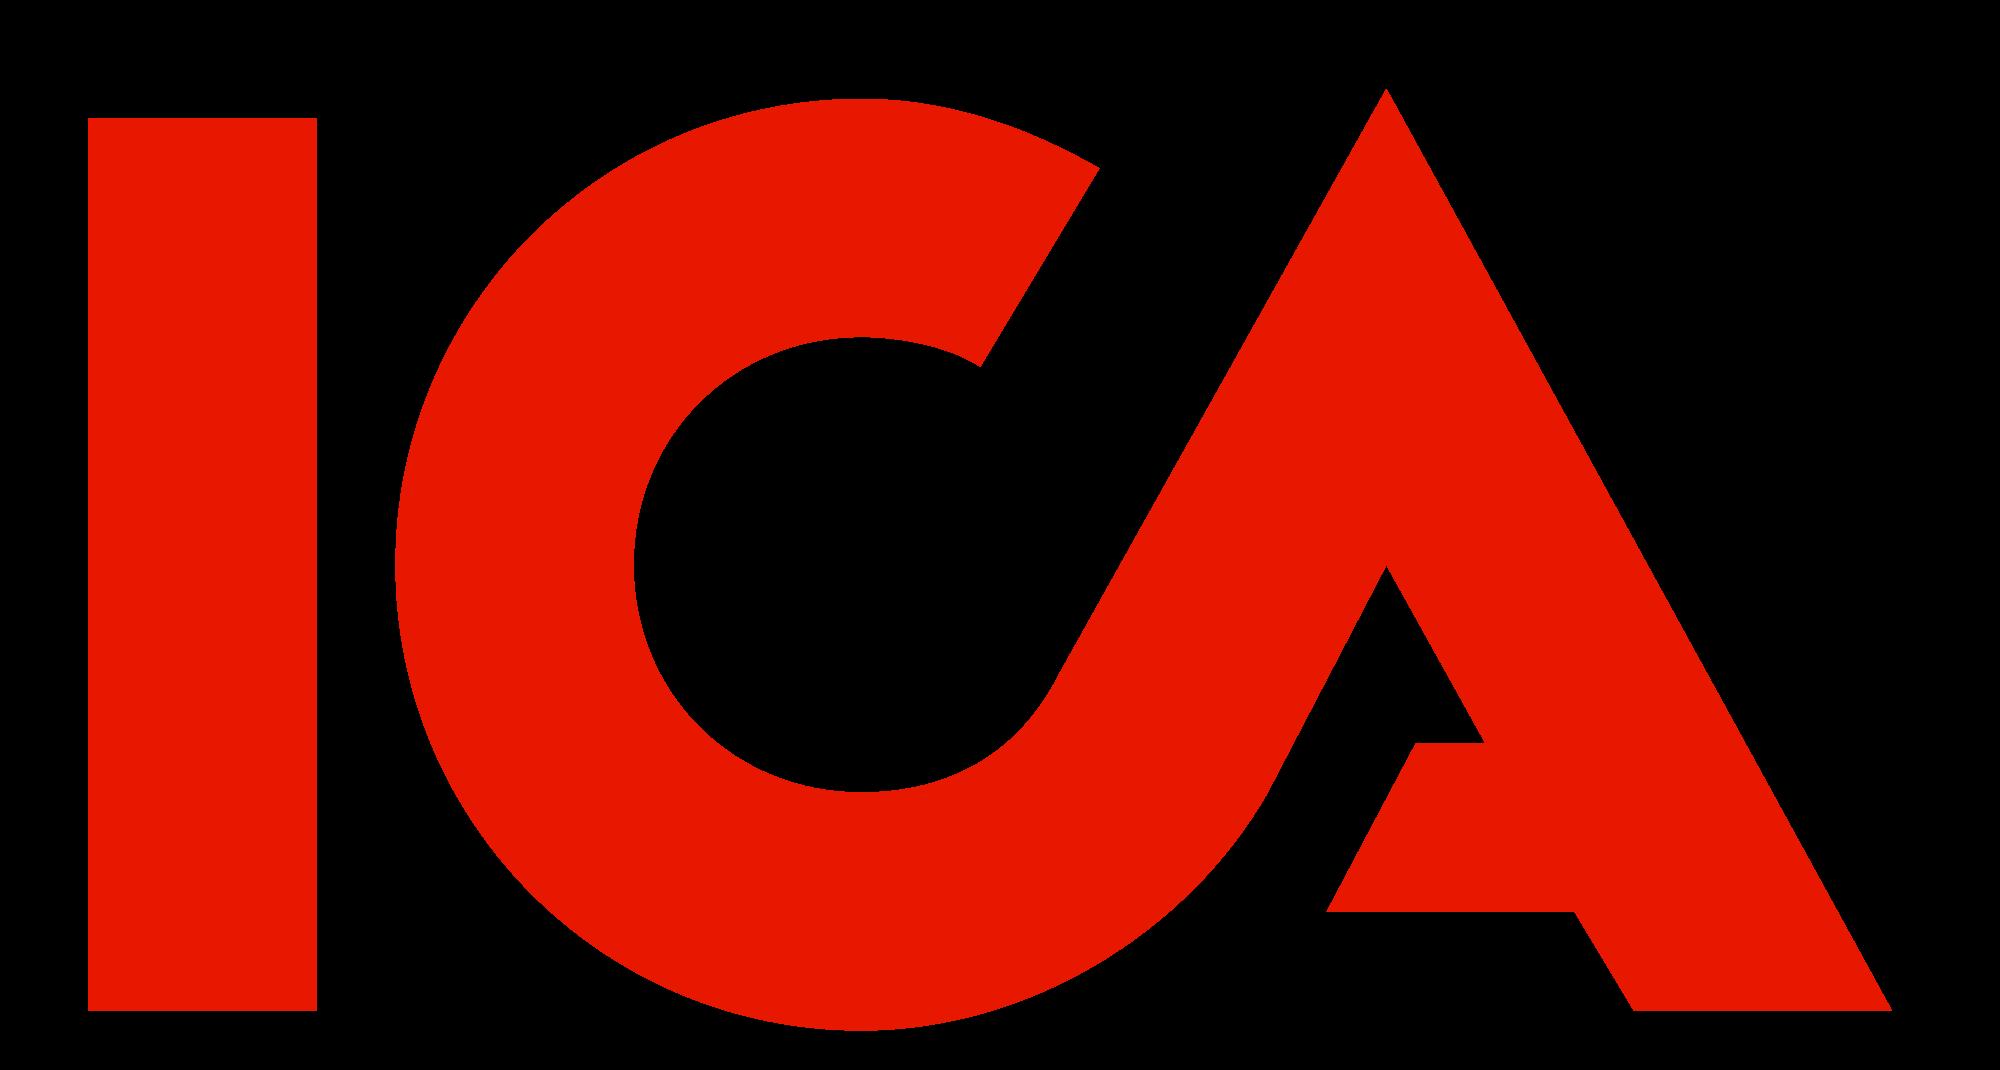 Chef kategoriområde Förbutik och Ombudstjänster